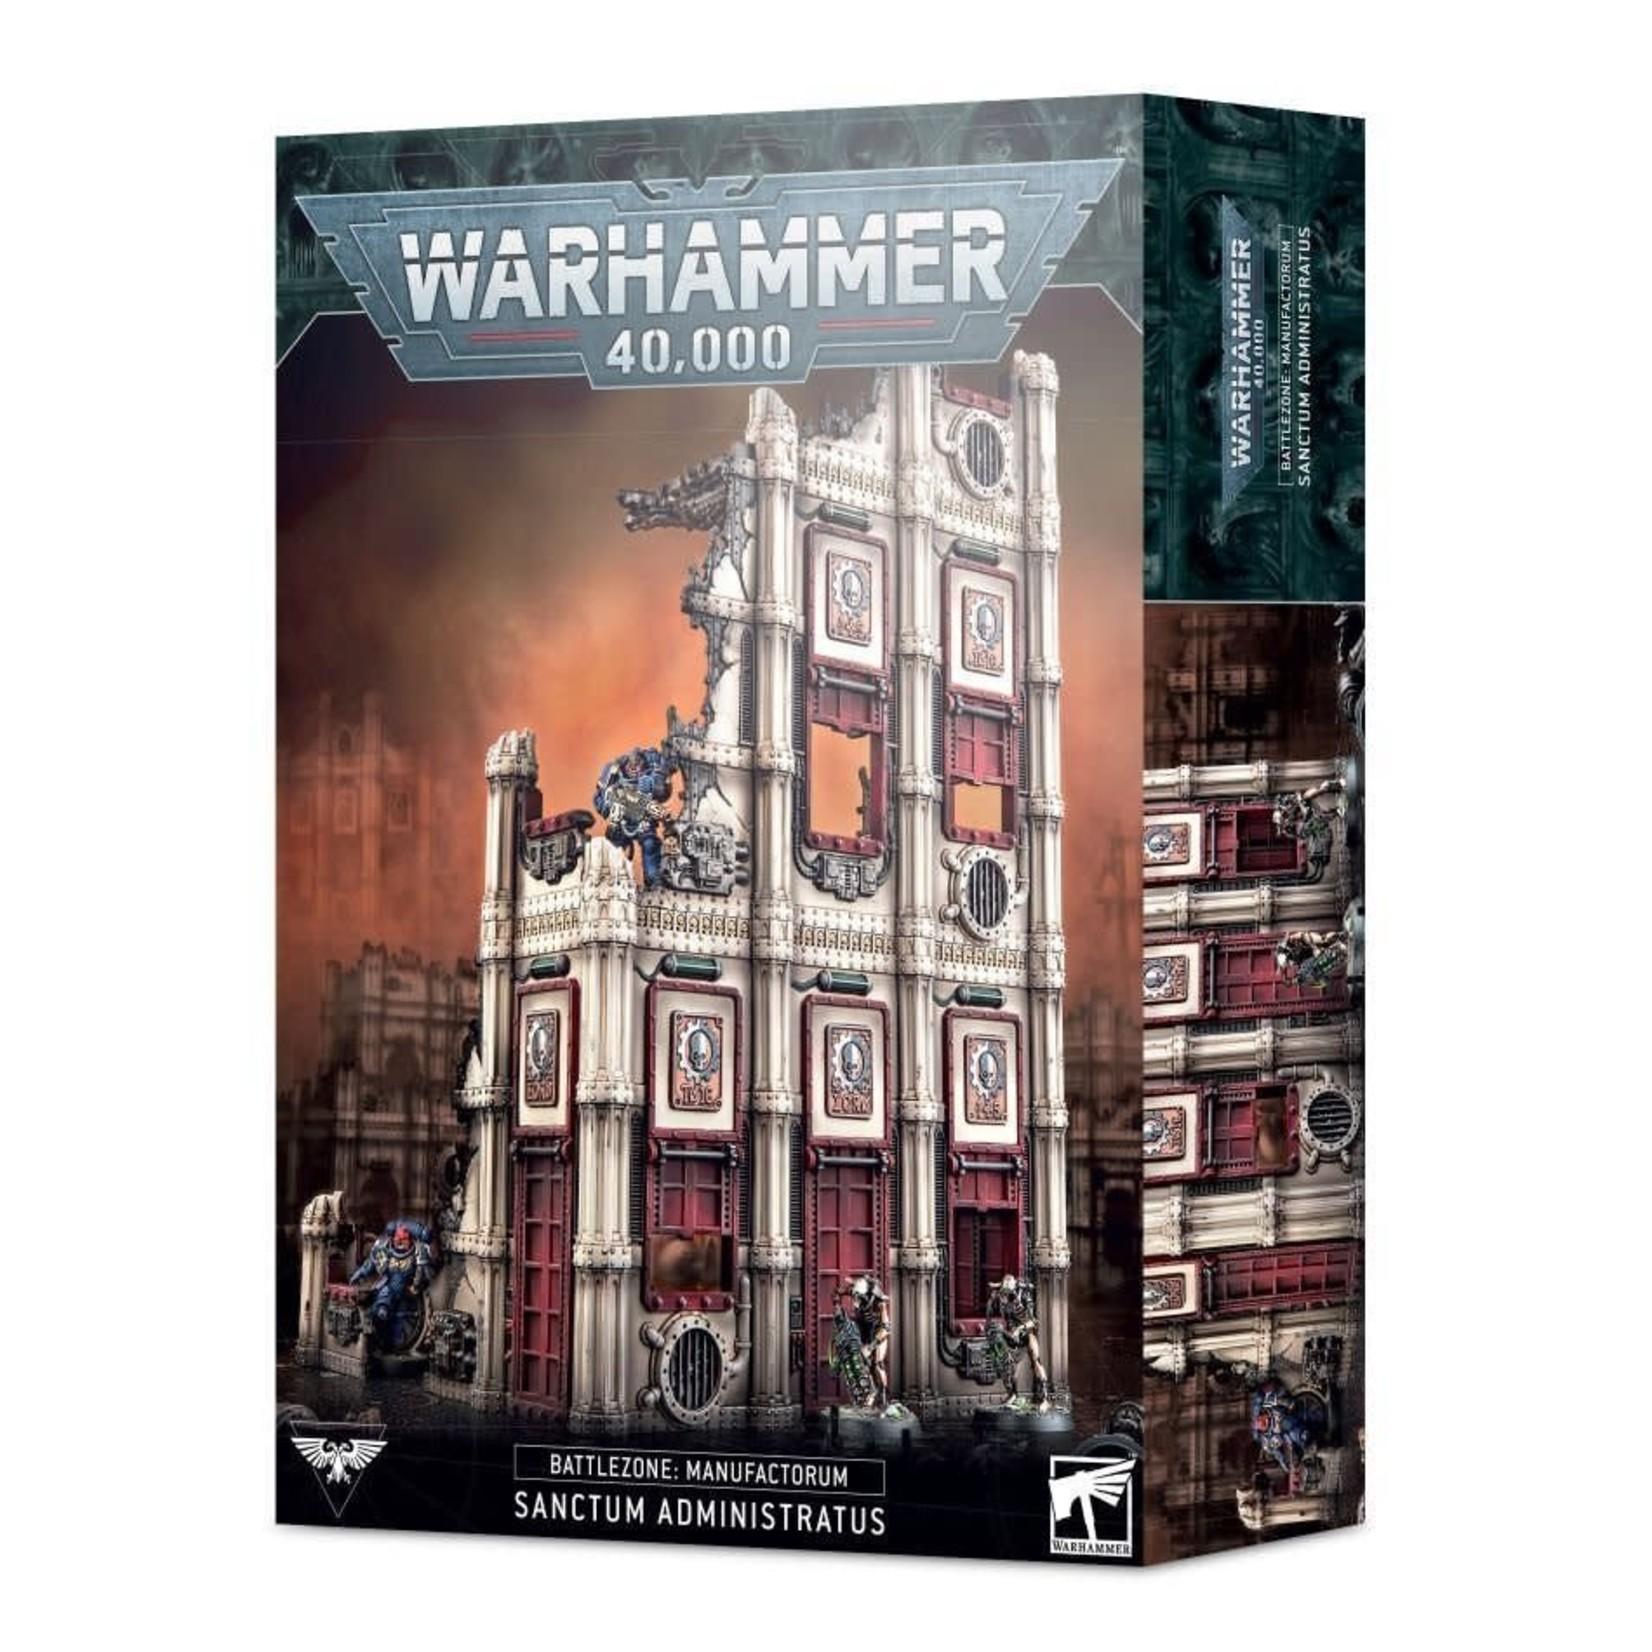 Games Workshop Warhammer 40k: Battlezone Terrain - Manufactorum Sanctum Administratus